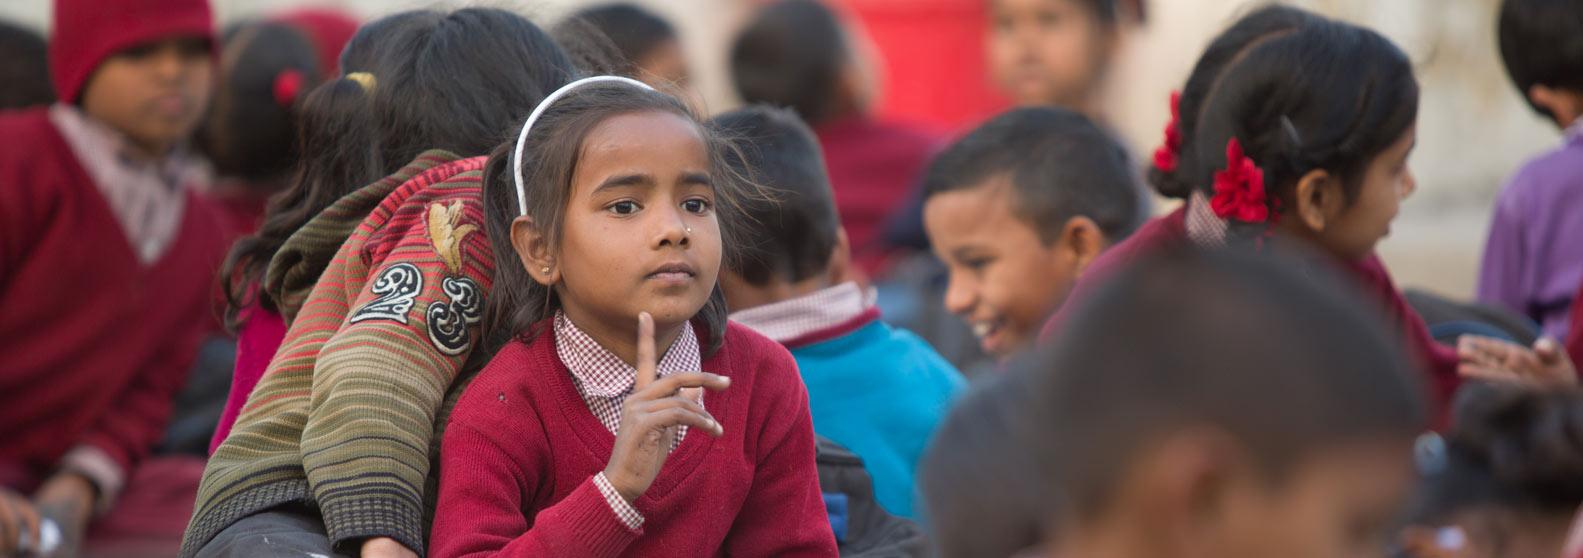 underprivileged children smile